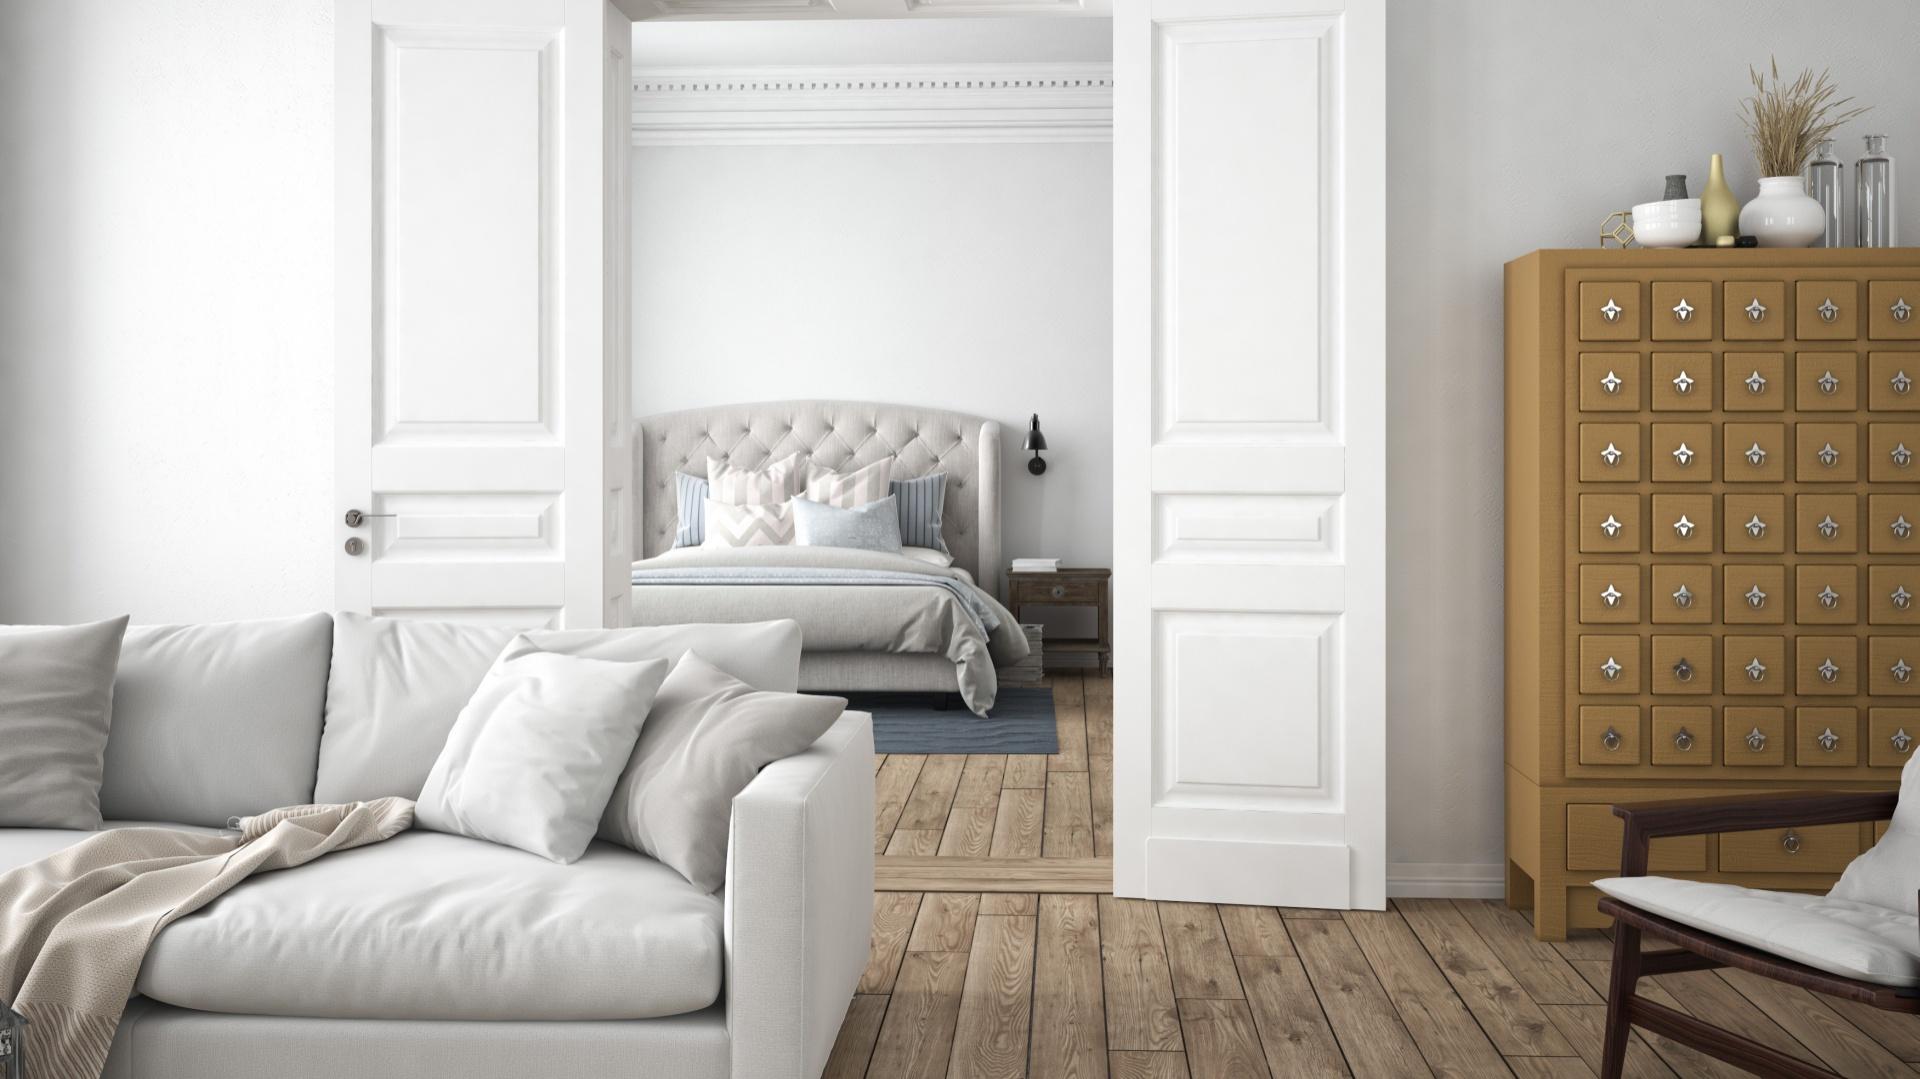 Jasny salon w klasycznym stylu ze ścianami pomalowanymi jasnymi szarościami. Szarości+elegancka klasyka to sprawdzony duet. Fot. Para Paints.